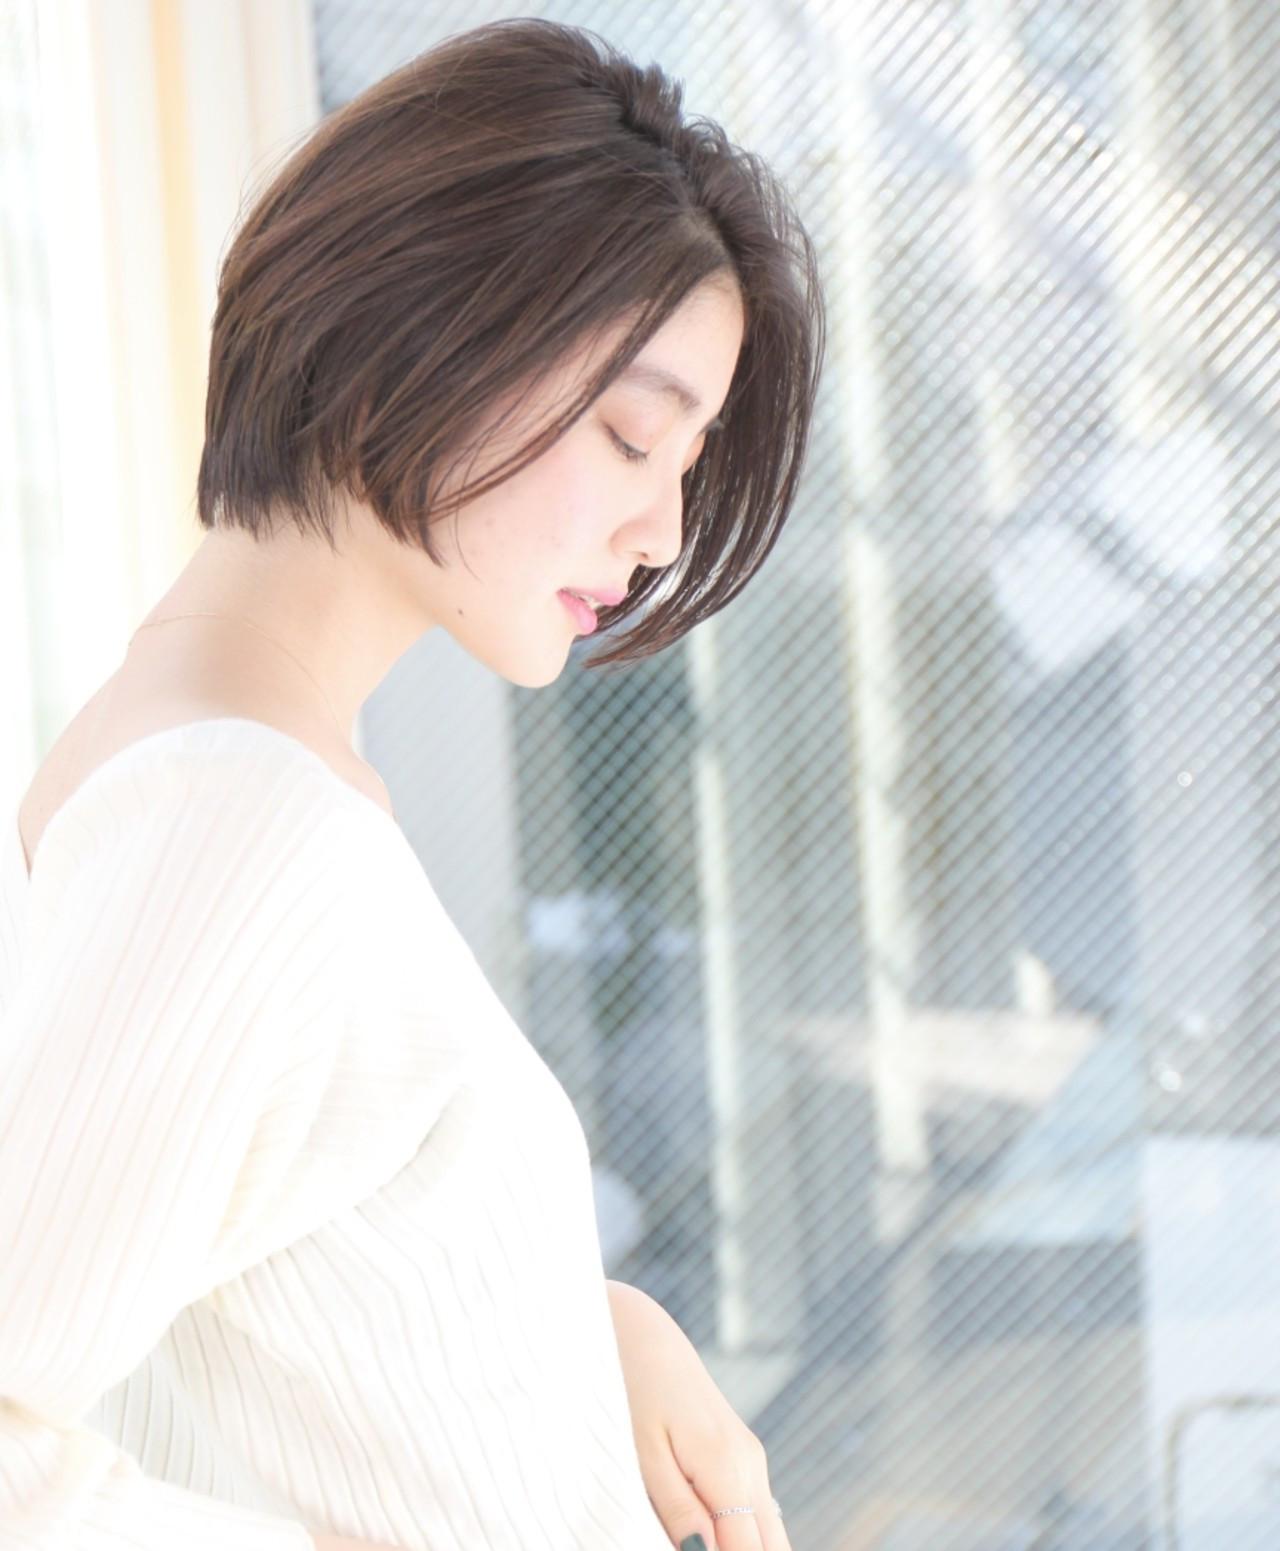 ナチュラル&清潔感が魅力の広末涼子さん風スタイル HIRONA